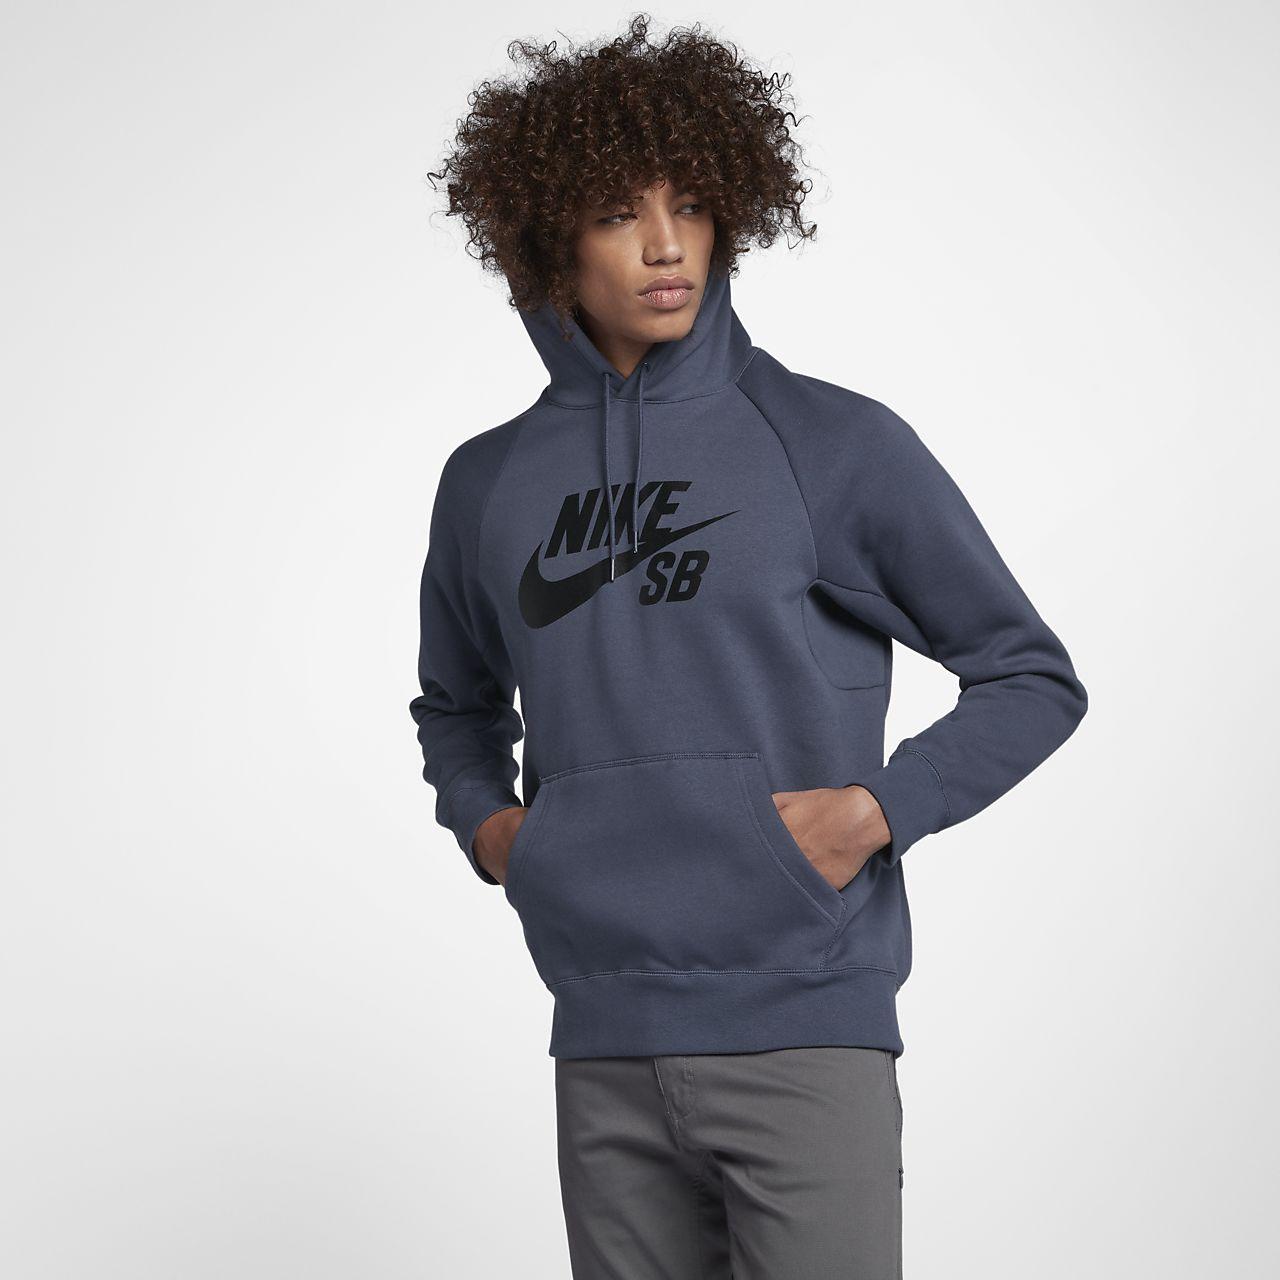 943be648d6a1 Nike SB Icon Men s Hoodie. Nike.com AU